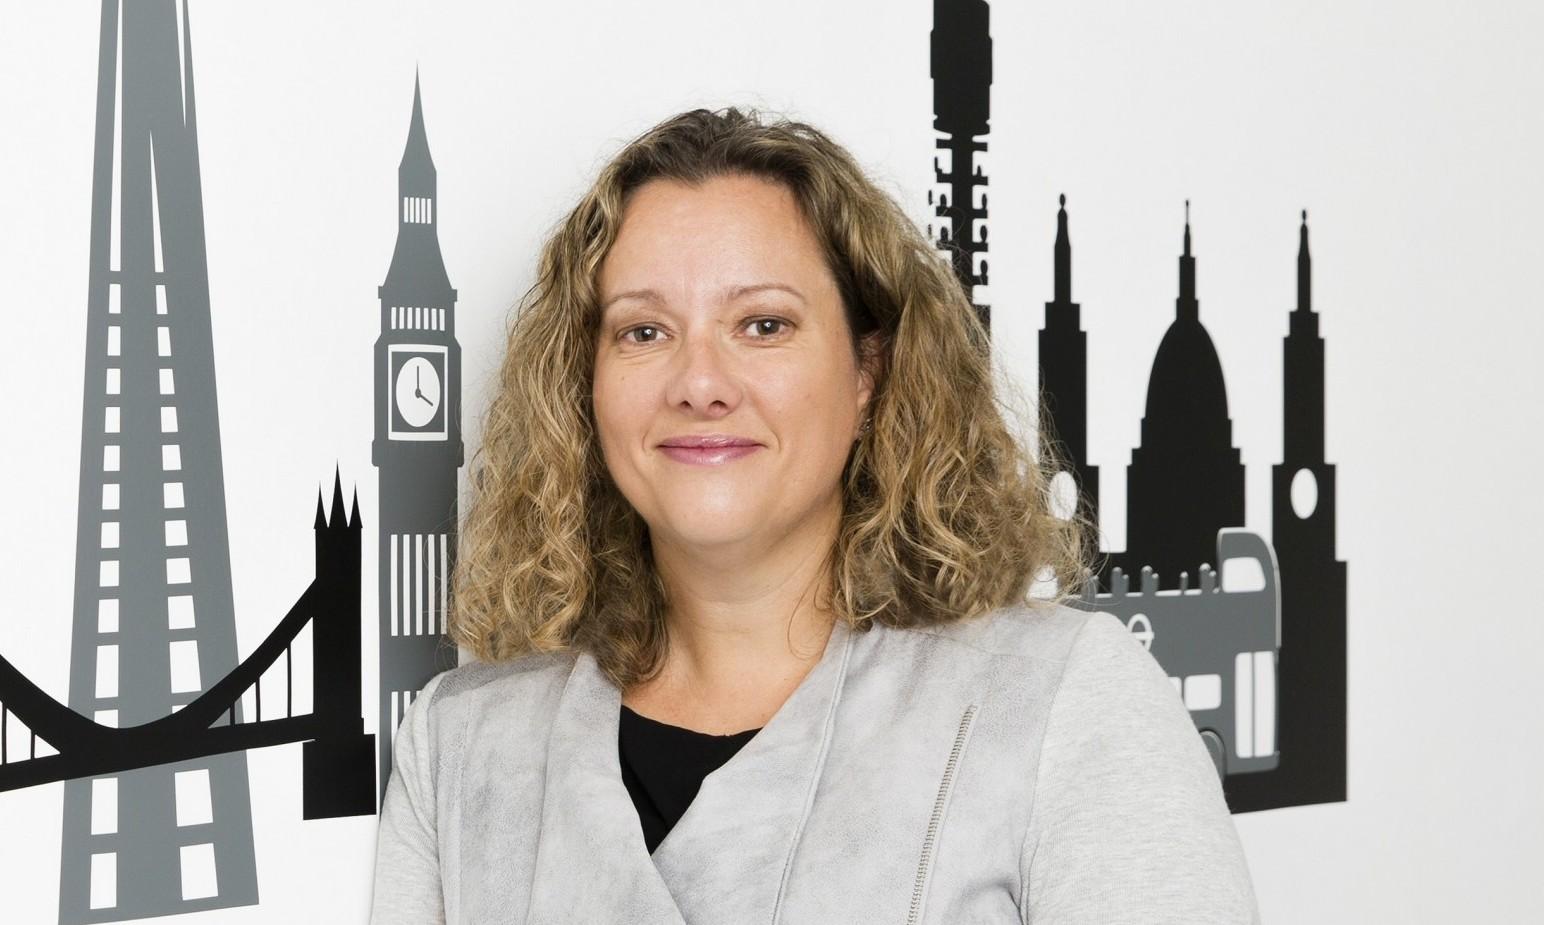 Karen Holden A City Law Firm